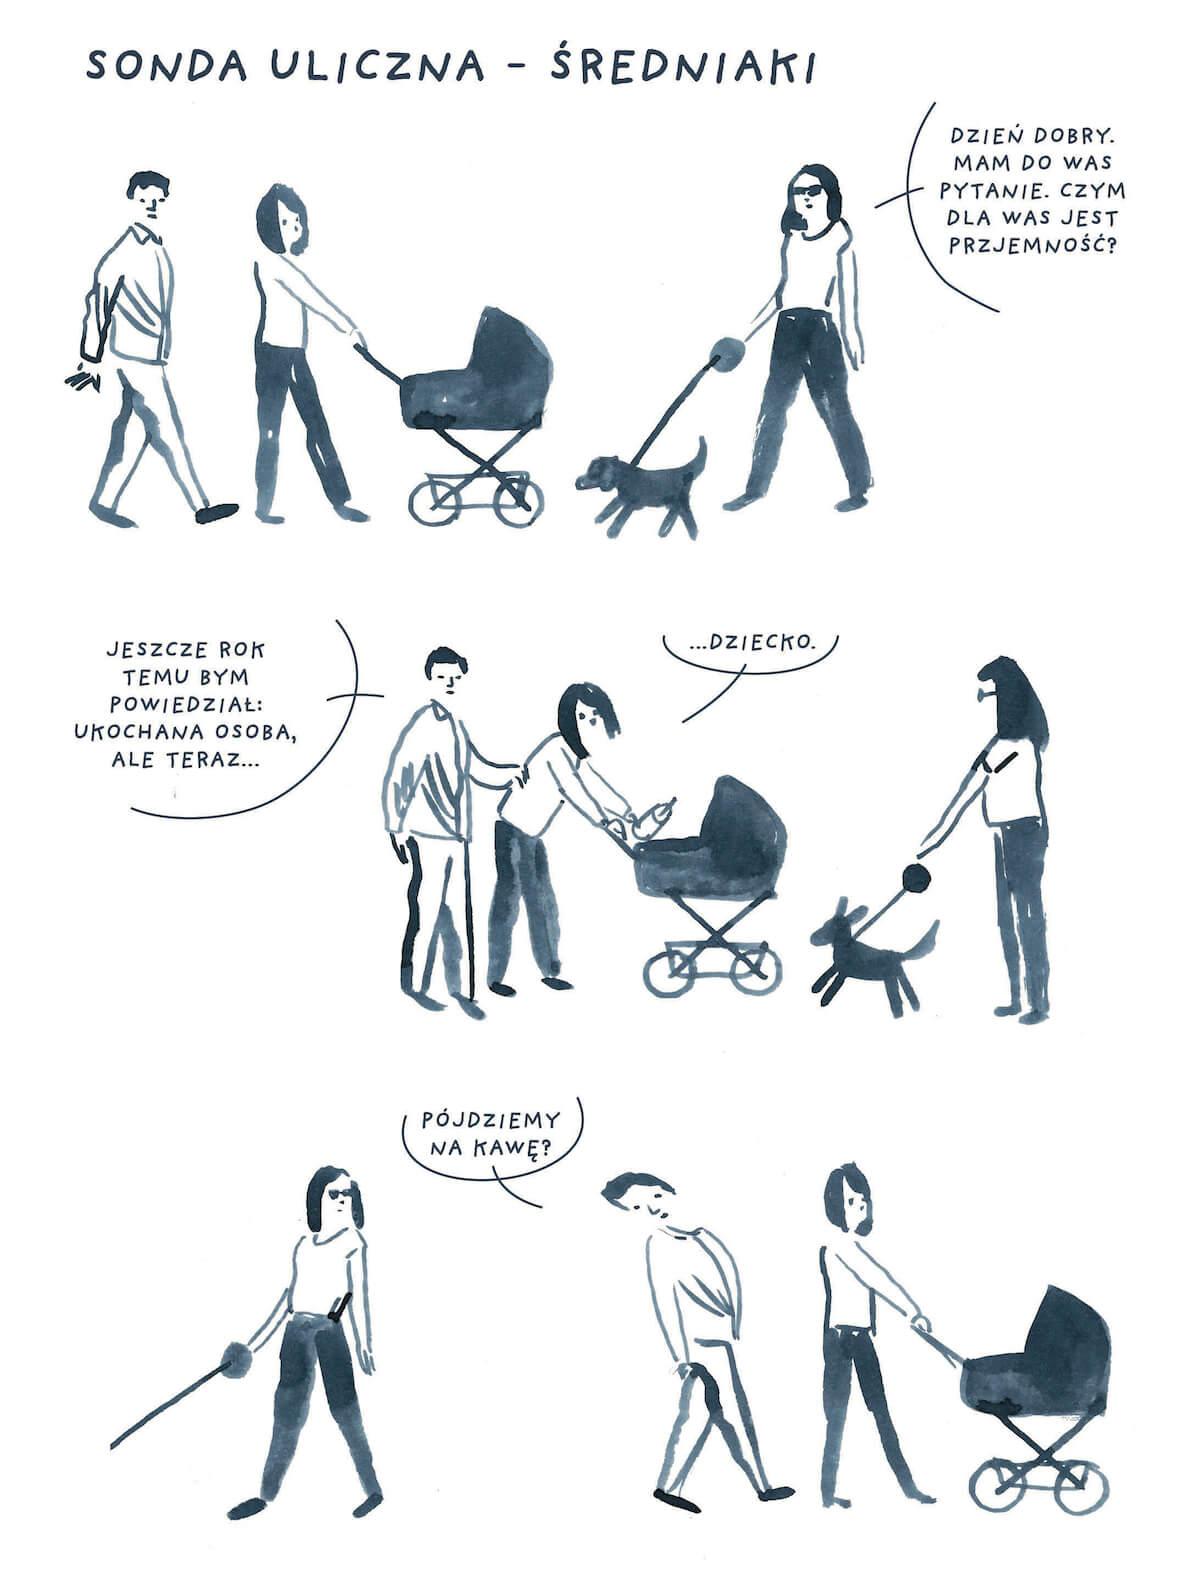 Komiks sondy ulicznej o przyjemności z małżeństwem z dzieckiem.